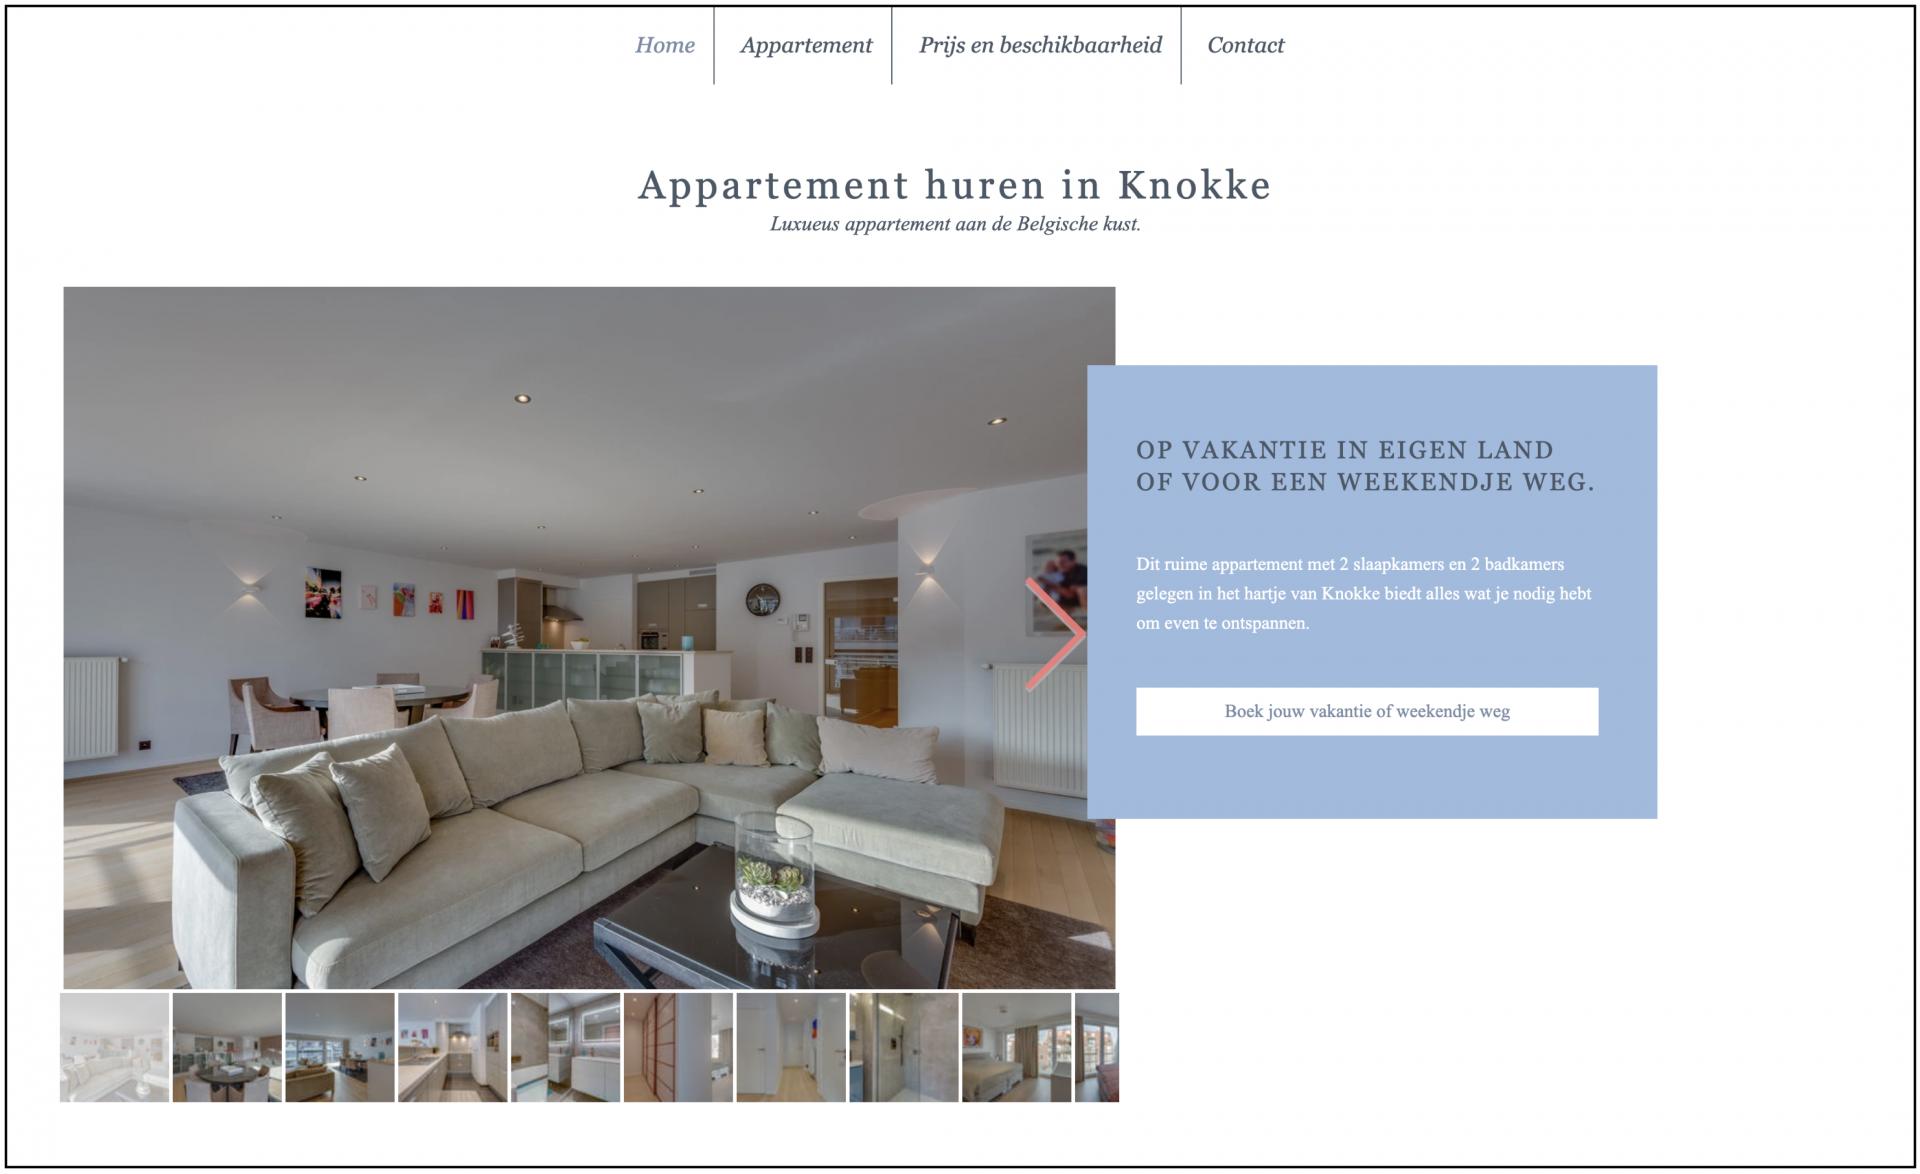 Appartement huren in Knokke